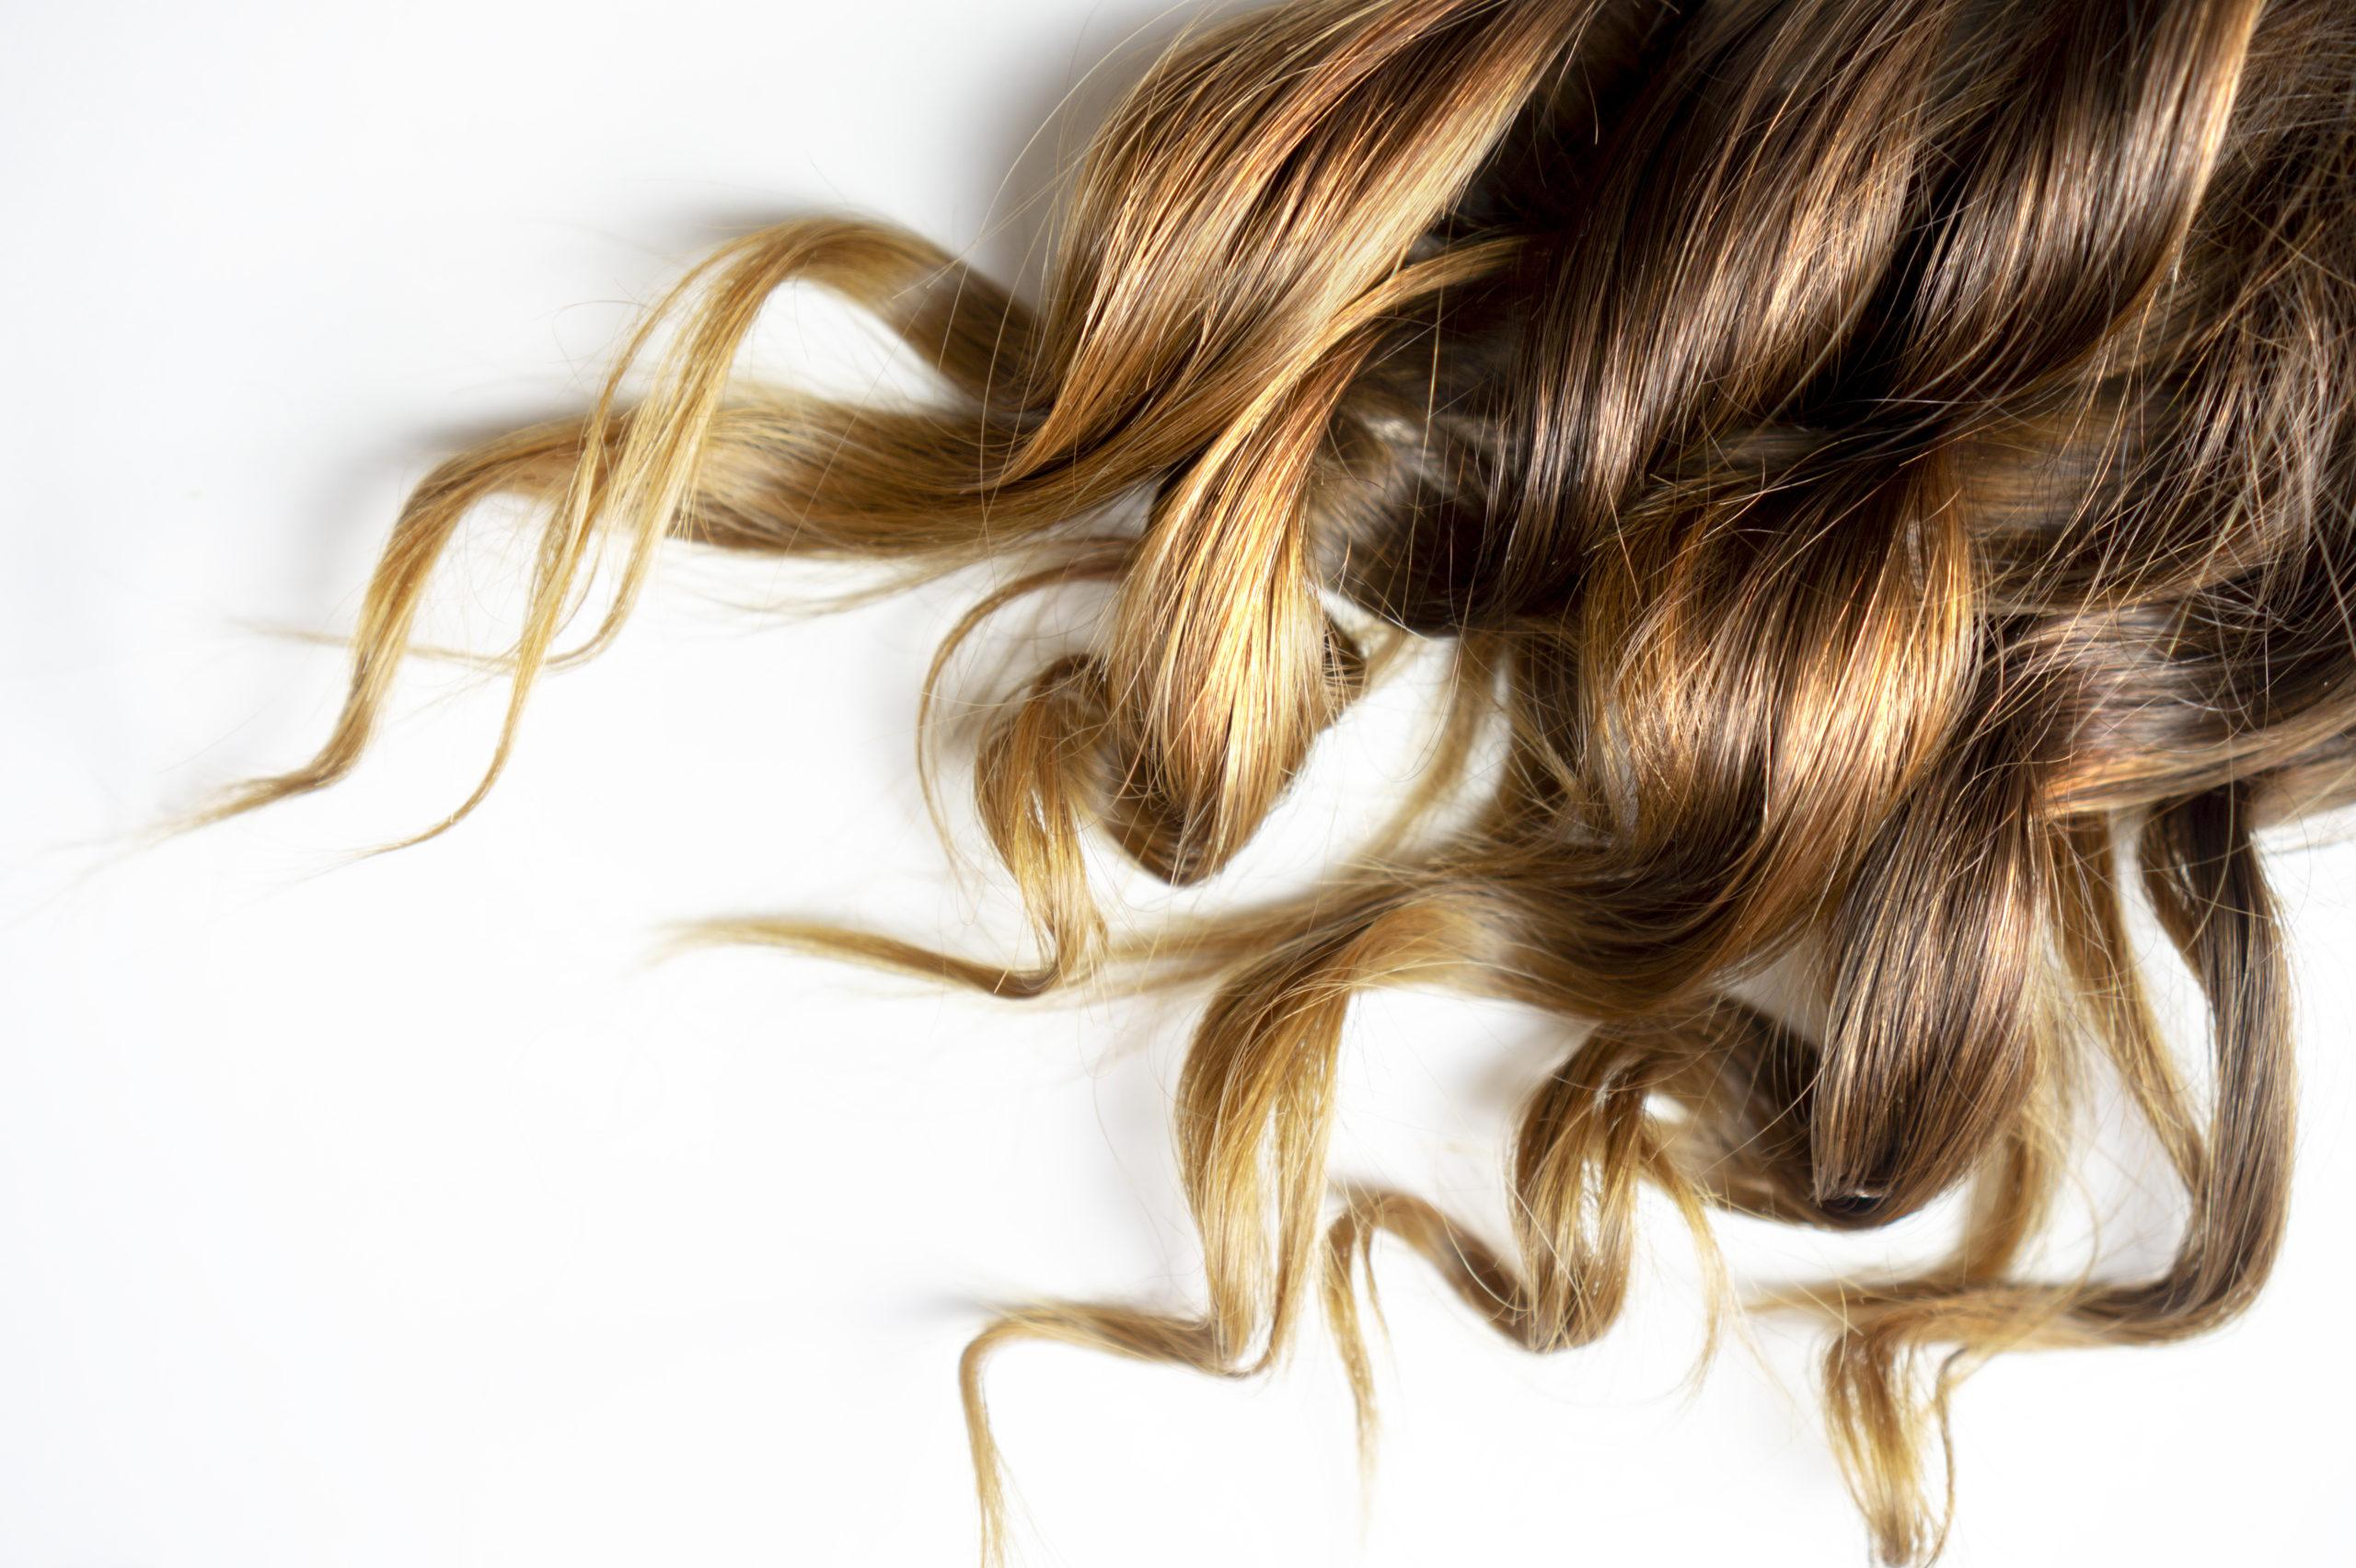 lähikuva ruskeista kiharoista hiuksista valkoista taustaa vasten